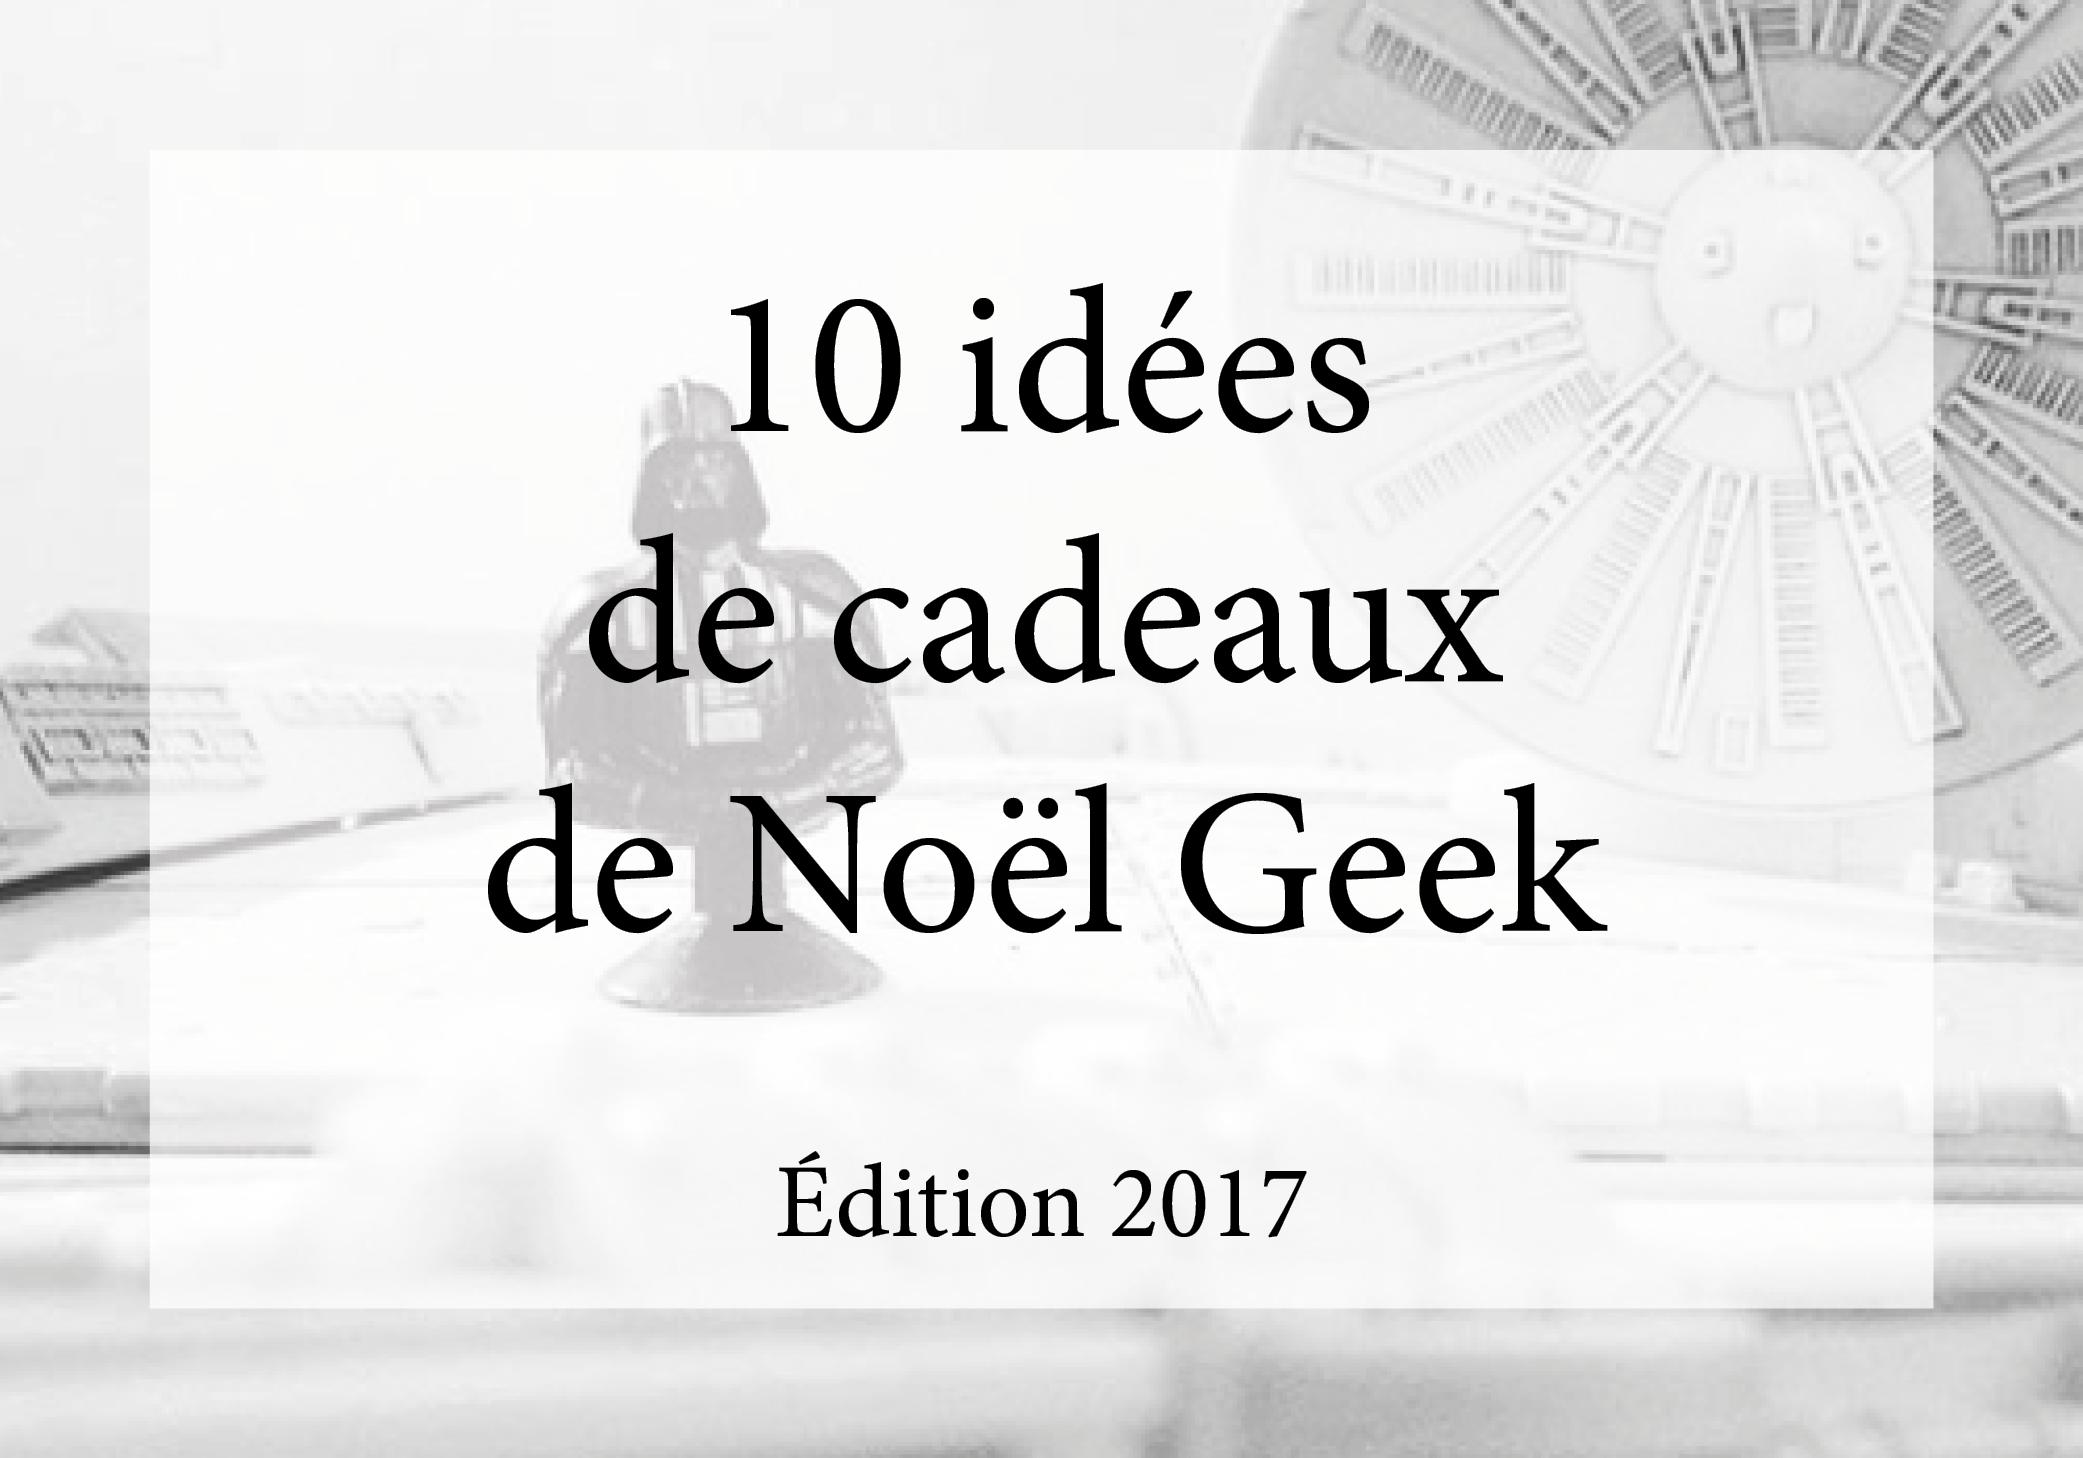 10 idées de cadeaux de Noël Geek